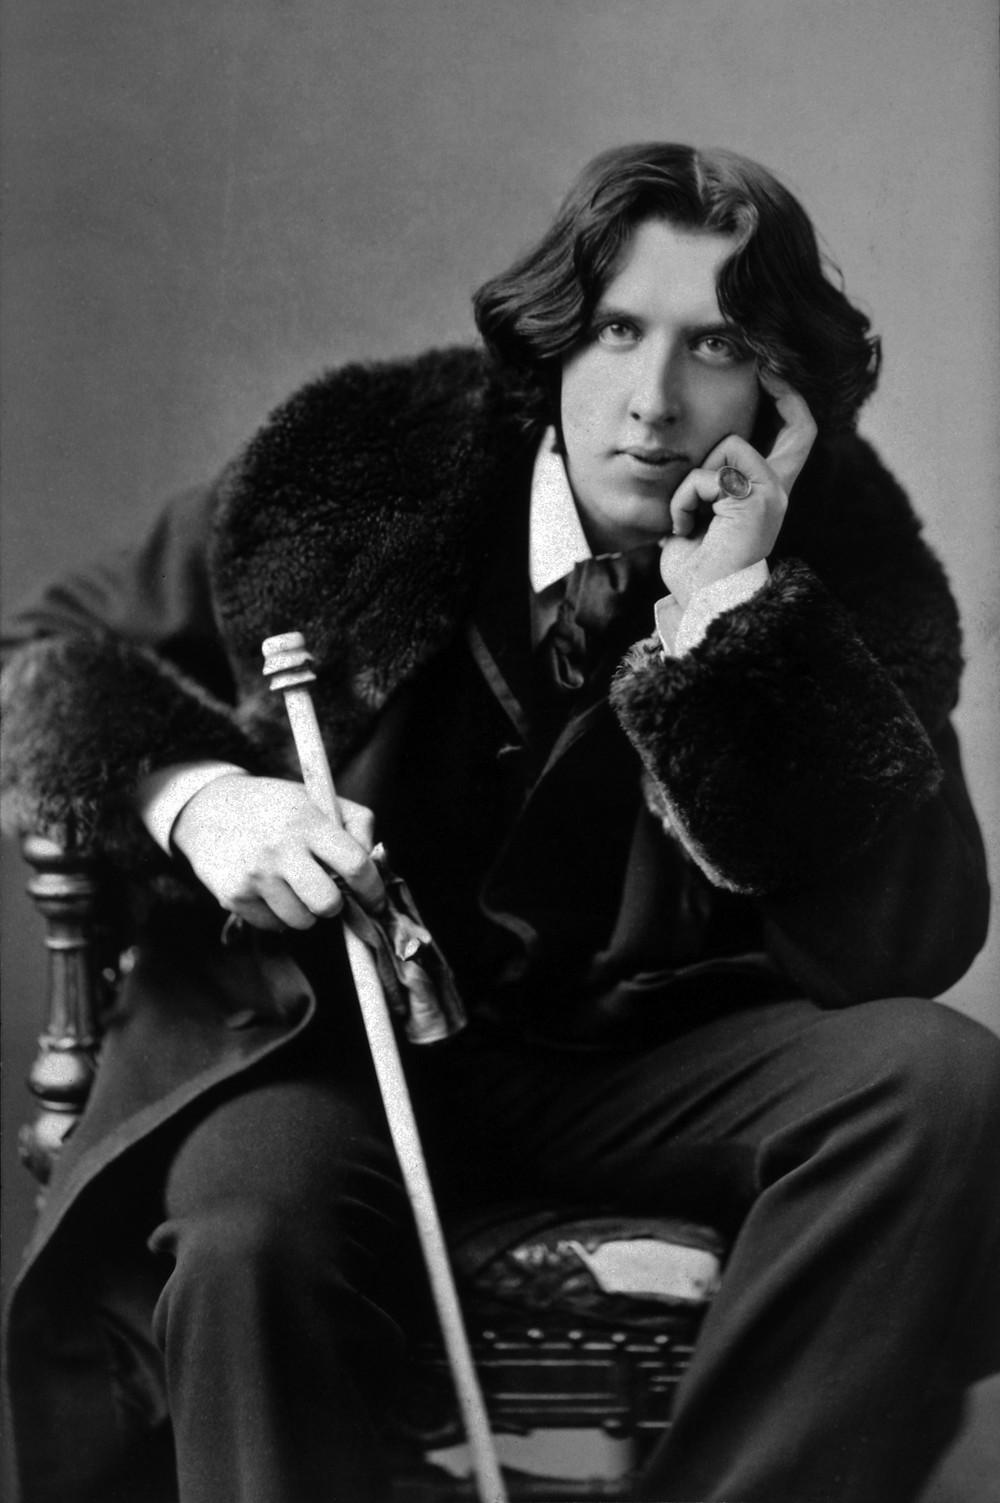 Oscar Wilde (http://commons.wikimedia.org/wiki/File:Oscar_Wilde_portrait.jpg)